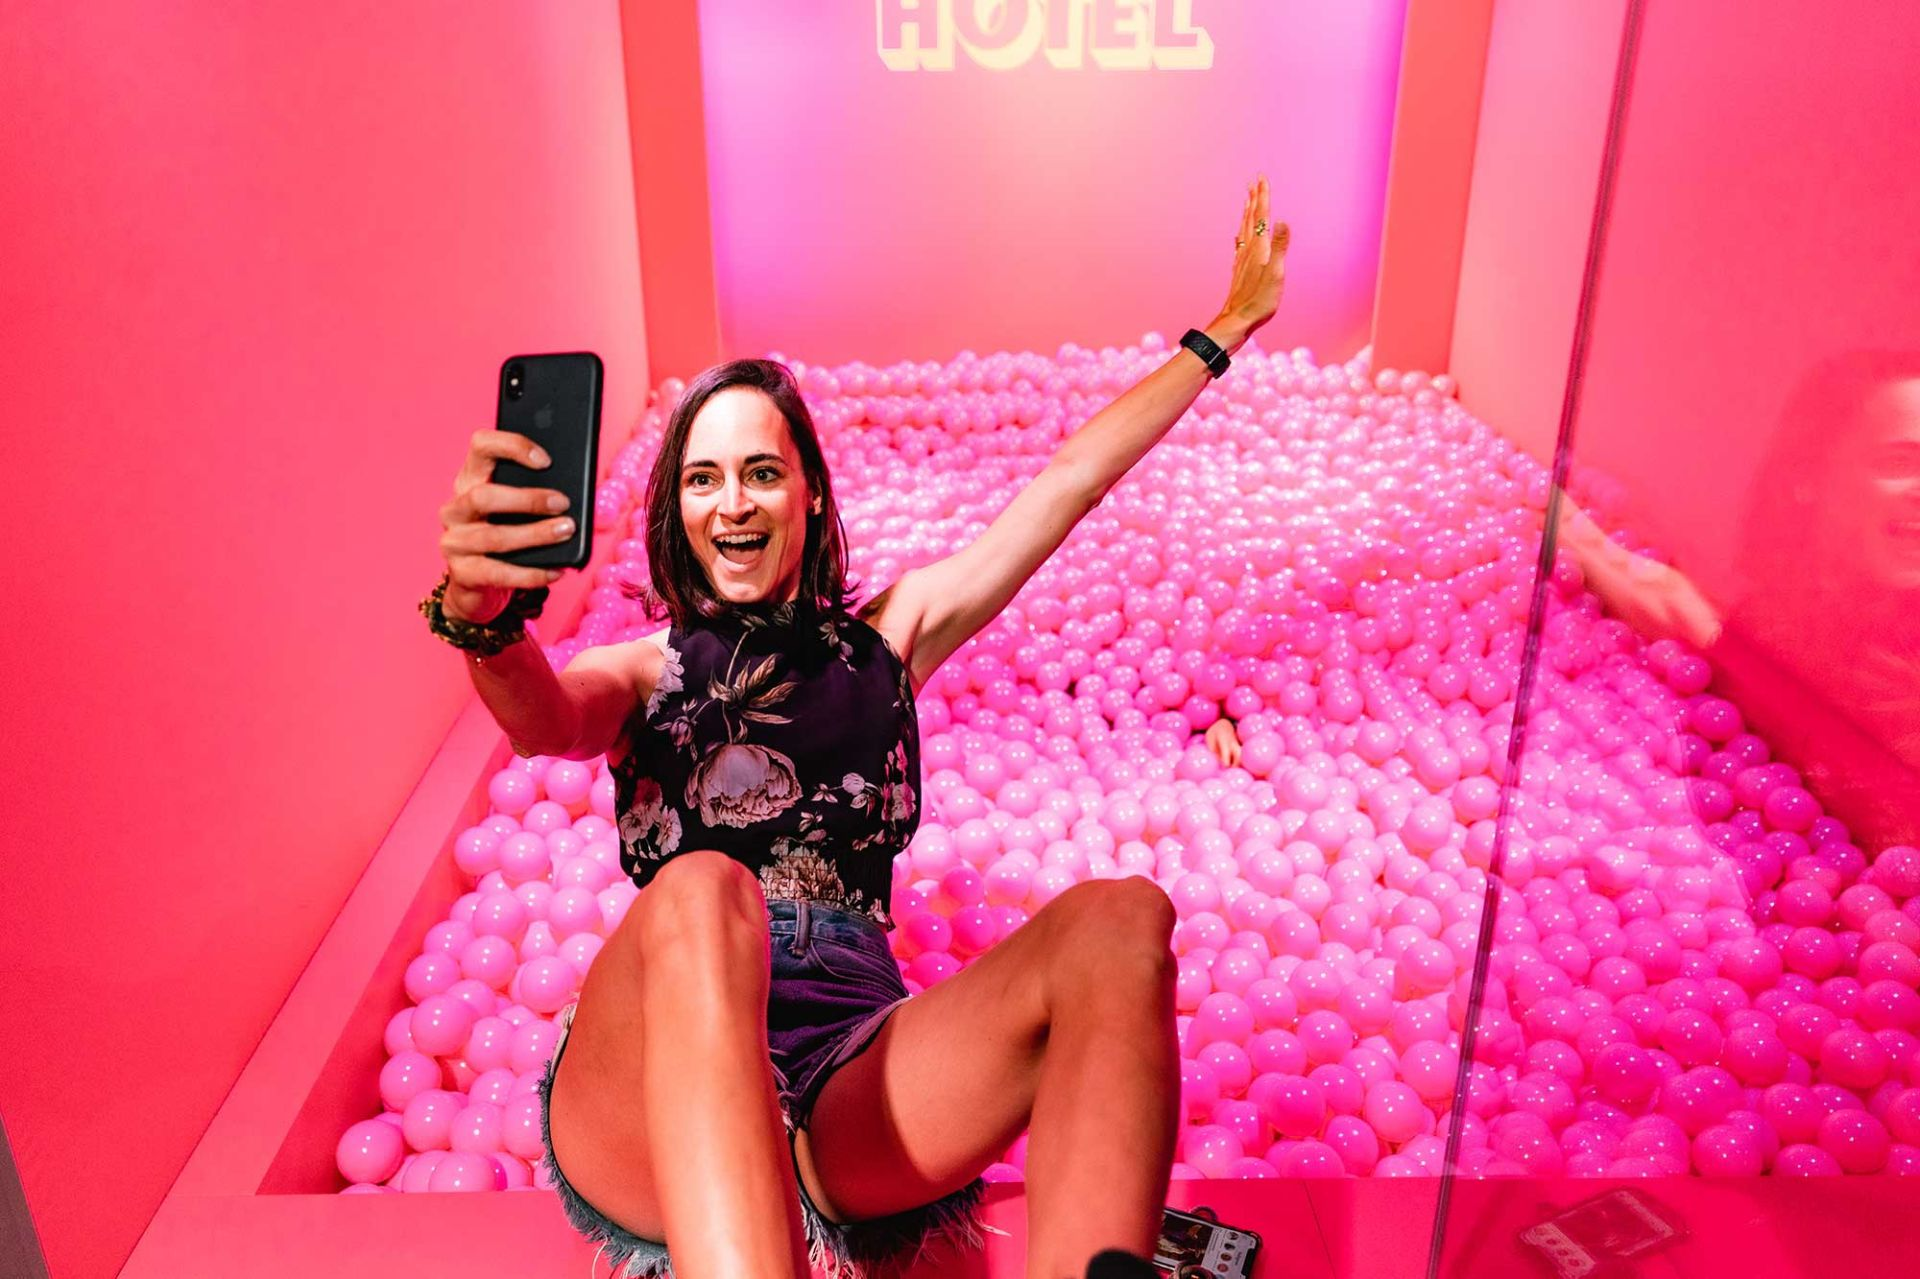 Gewinne eine Übernachtung im Selfie-Hotel